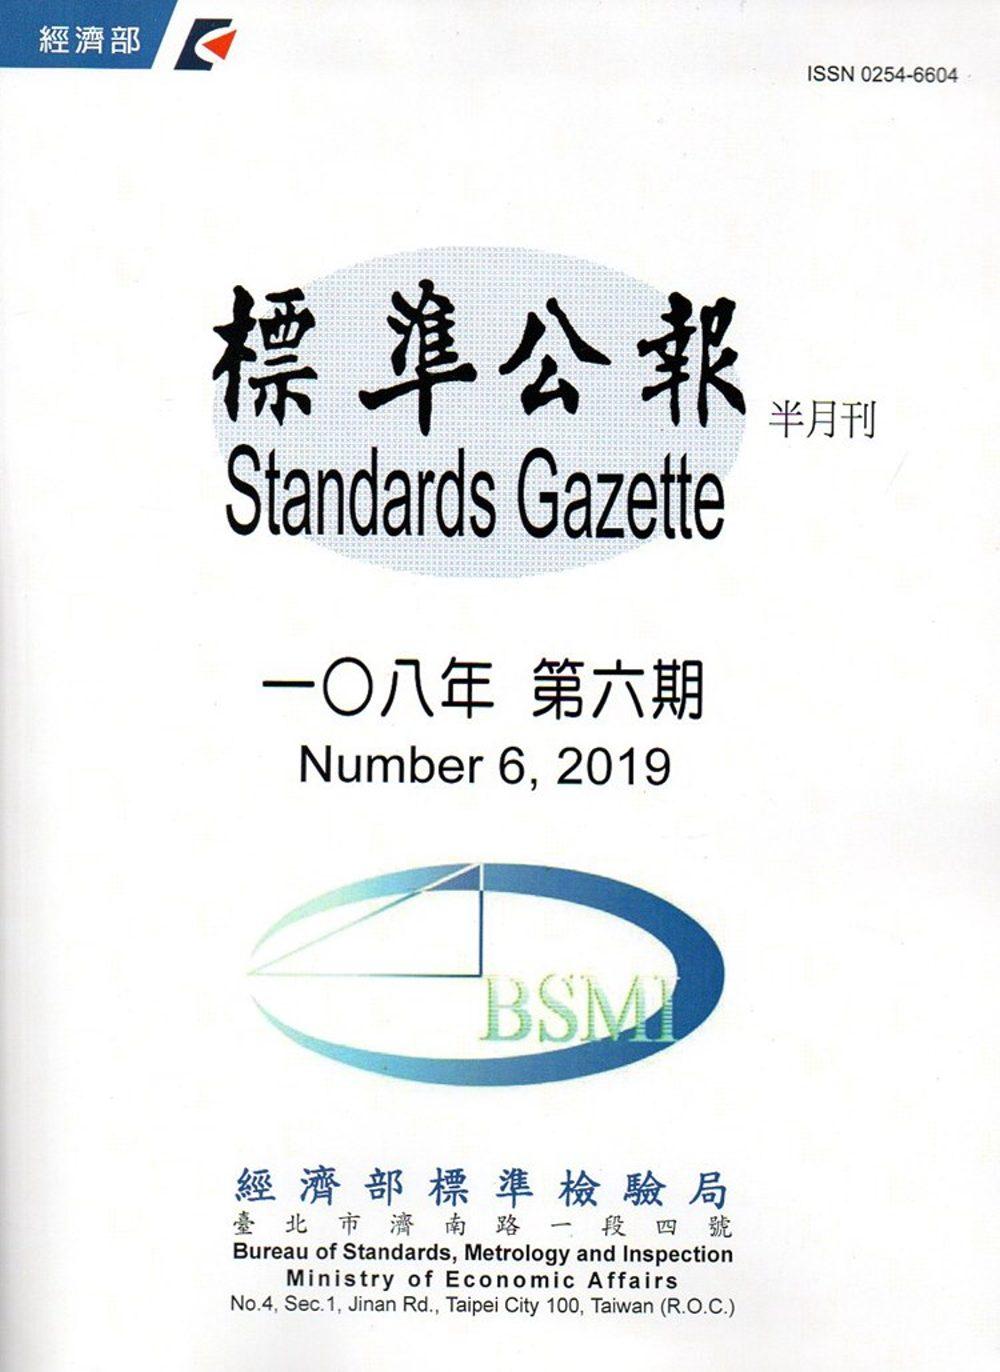 標準公報半月刊108年 第六期